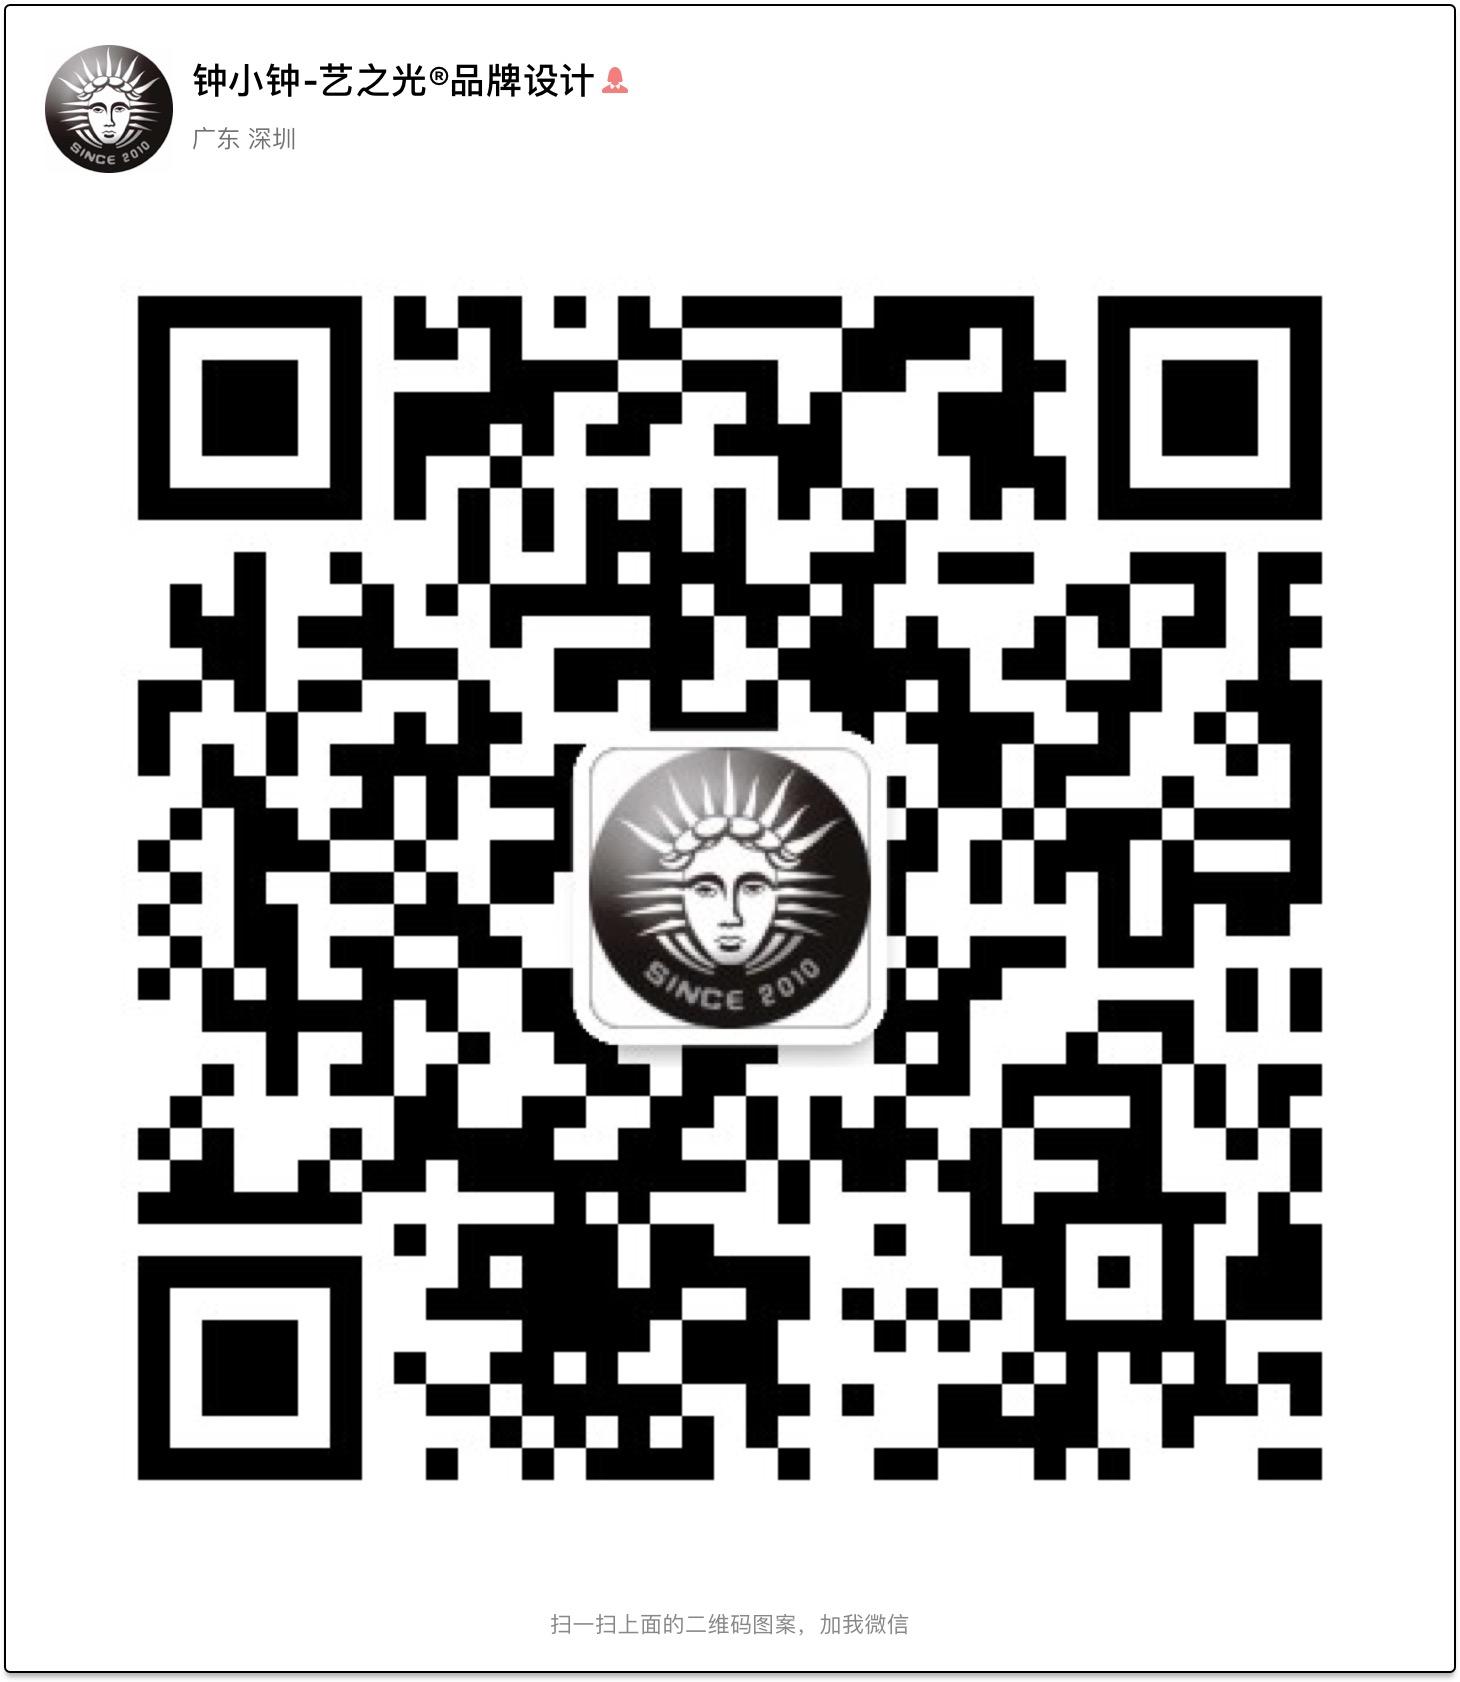 1525687888826446.jpg